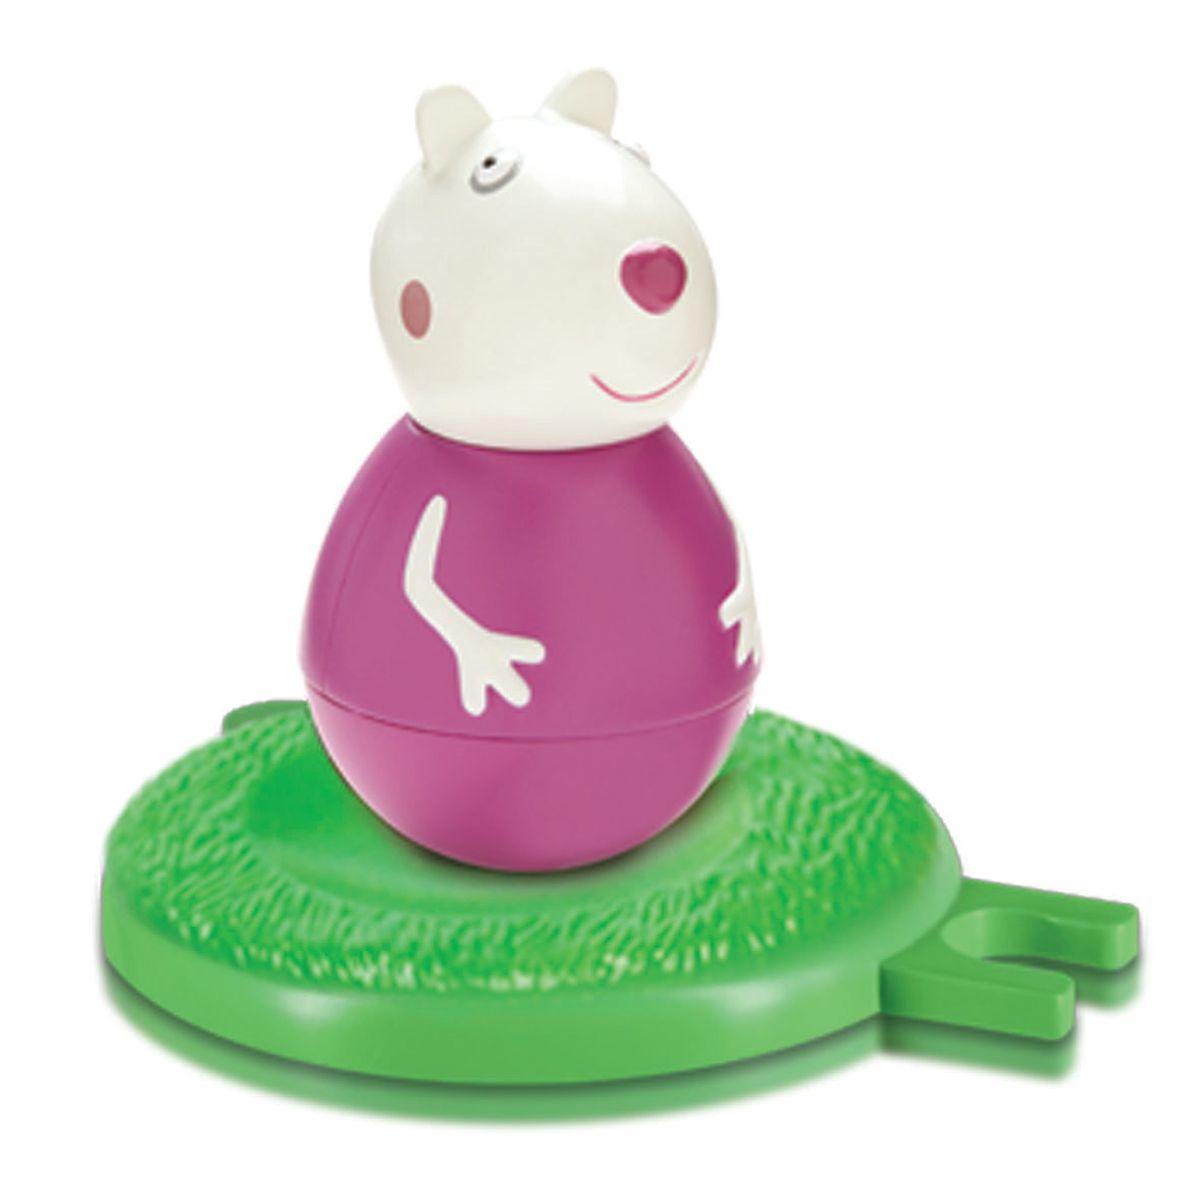 Peppa Pig Неваляшка Овечка Сьюзи28806Неваляшка Peppa Pig Овечка Сьюзи, созданная по мотивам мультсериала Peppa Pig привлечет внимание вашего малыша и станет для него любимой игрушкой. Качайте ее в разные стороны, а она никогда не упадет. Веселая игра с ней развивает у детей координацию движений, тренирует цветовосприятие и мышление. В наборе вы найдете неваляшку Овечку Сьюзи и игровое поле, на котором неваляшка будет проделывать свои пируэты, игровое поле совместимо с полями других неваляшек Peppa Pig. Соберите коллекцию неваляшек в виде любимых героев мультфильма «Свинка Пеппа» и устраивайте веселые игры с малютками!